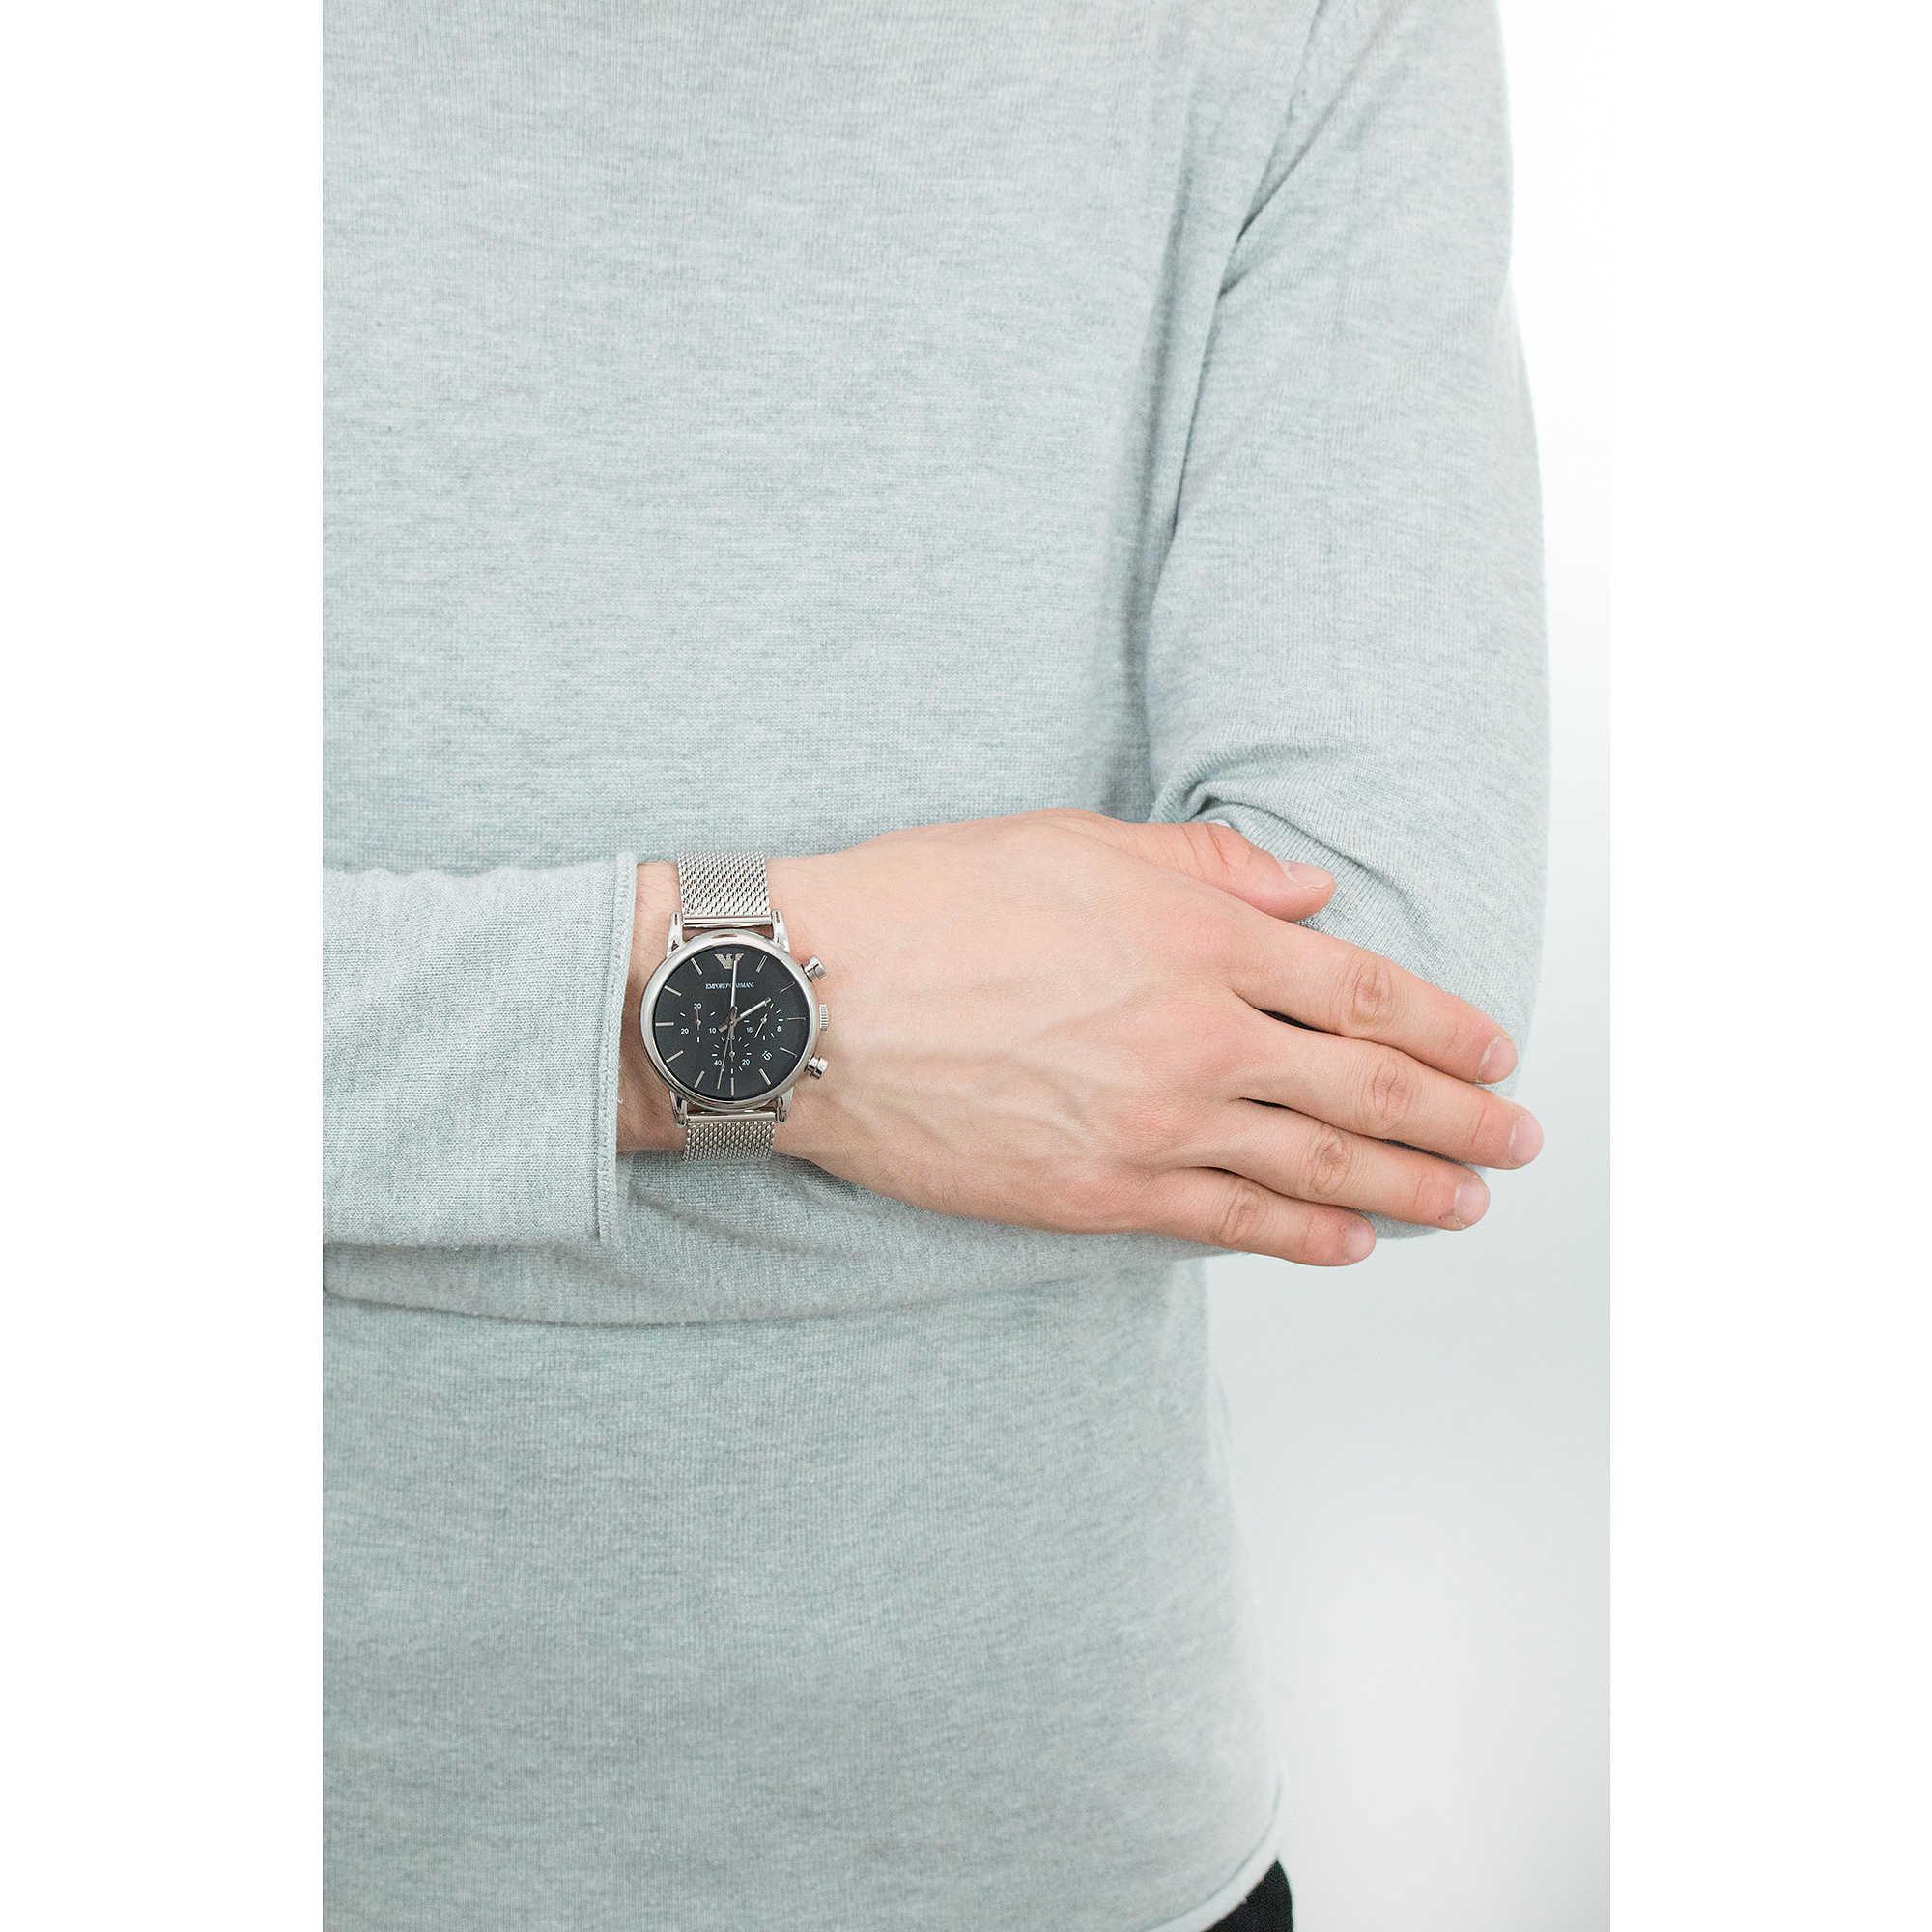 505881e1e124d montre chronographe homme Emporio Armani AR1811 chronographes ...